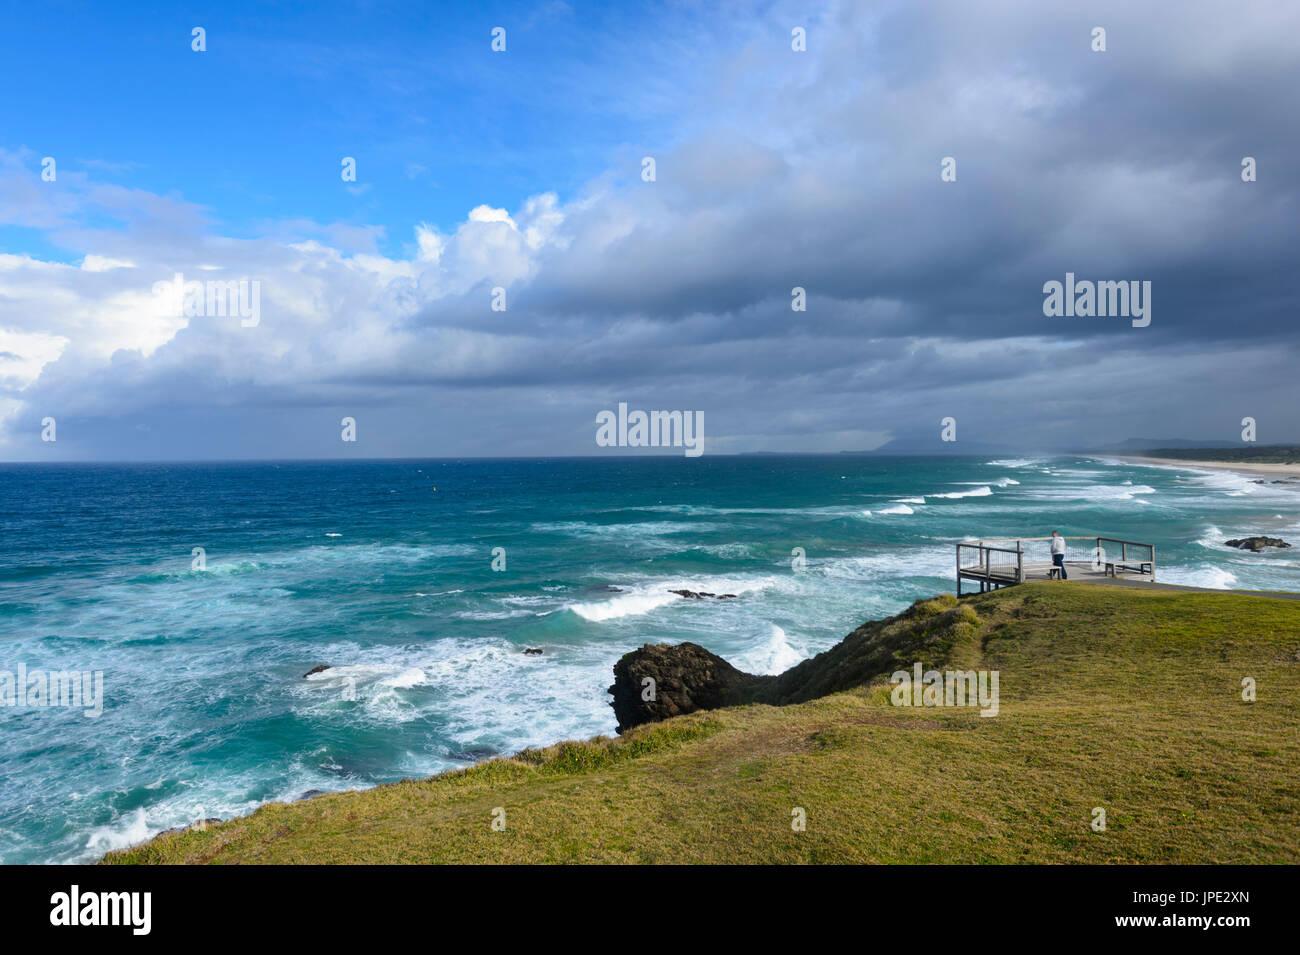 Vista dal punto di incollamento, Port Macquarie, Nuovo Galles del Sud, NSW, Australia Immagini Stock